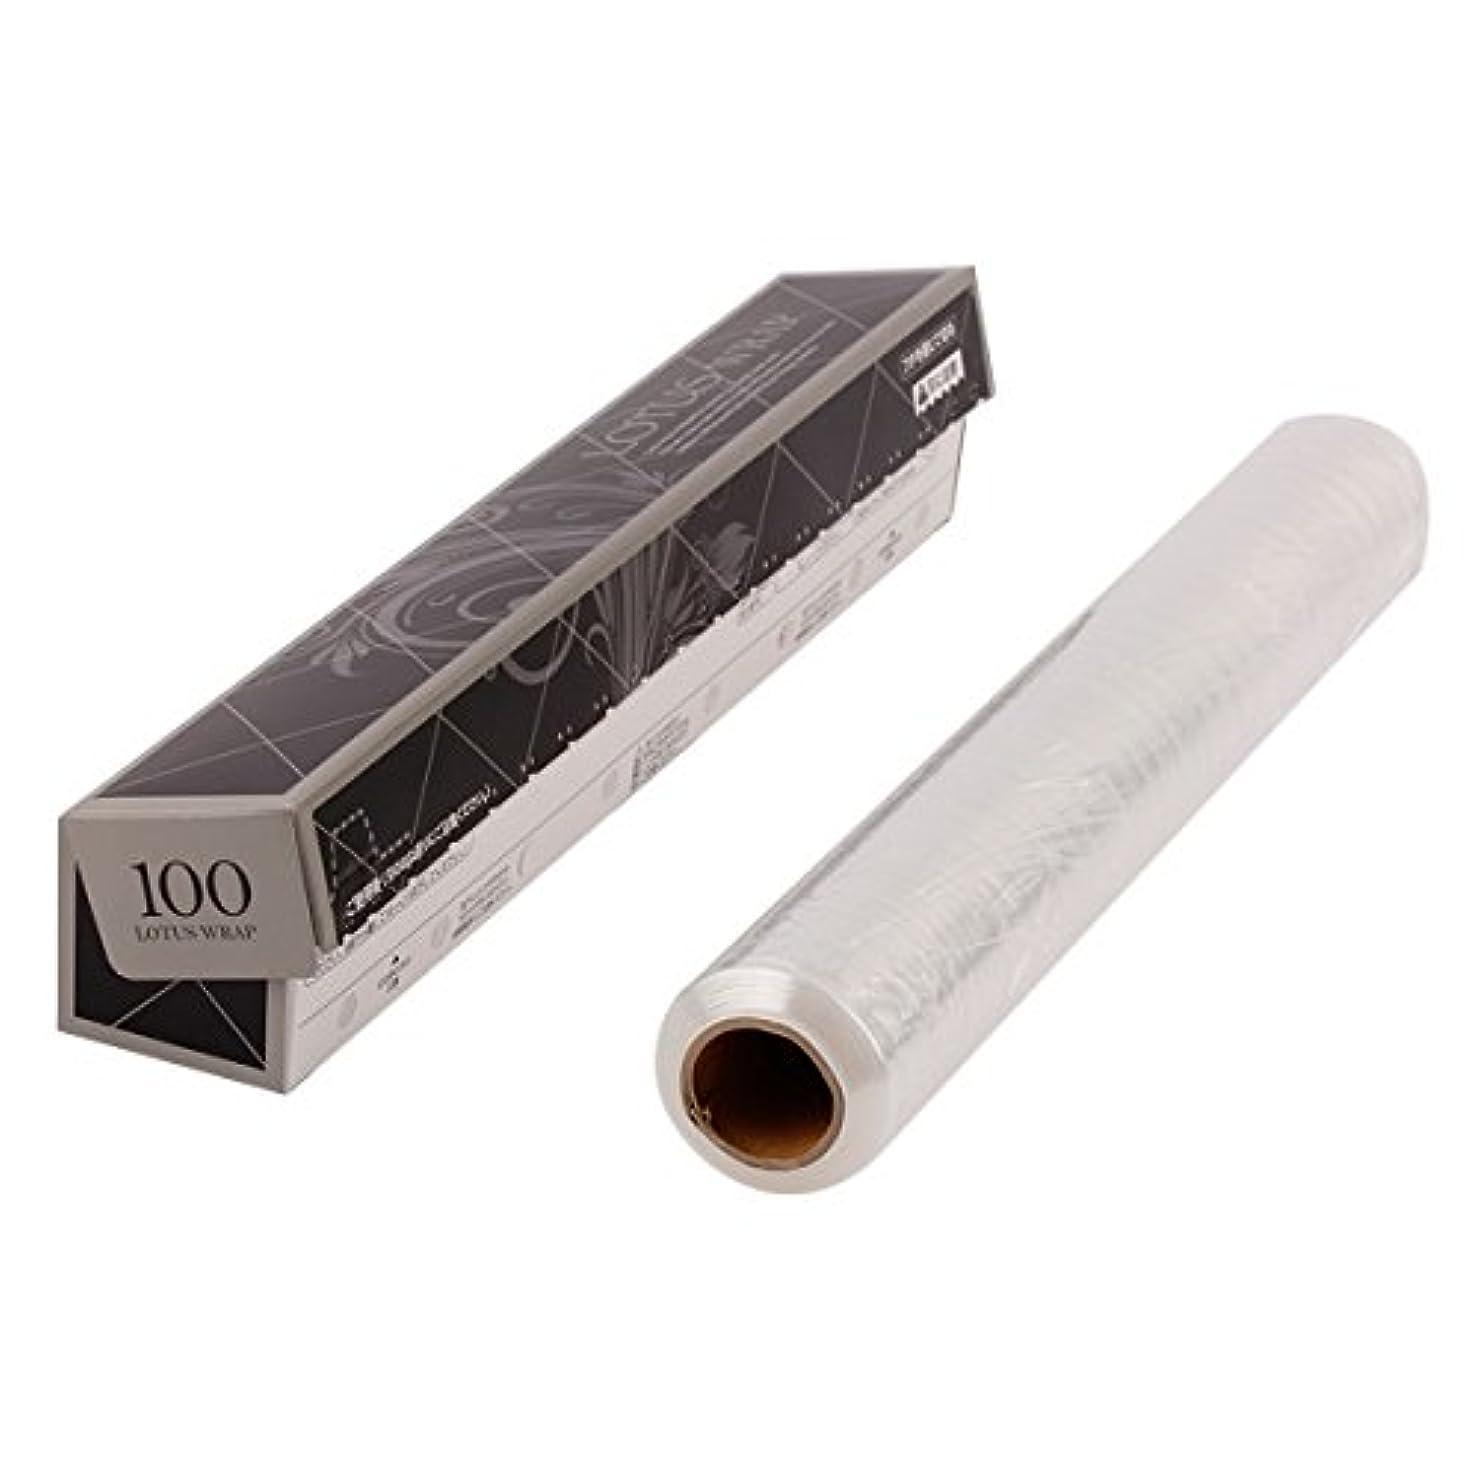 最大耐える強化するサロン用ラップ 幅30cm×長さ100m [ サロン用ラップ エステ サロン ラップ ]